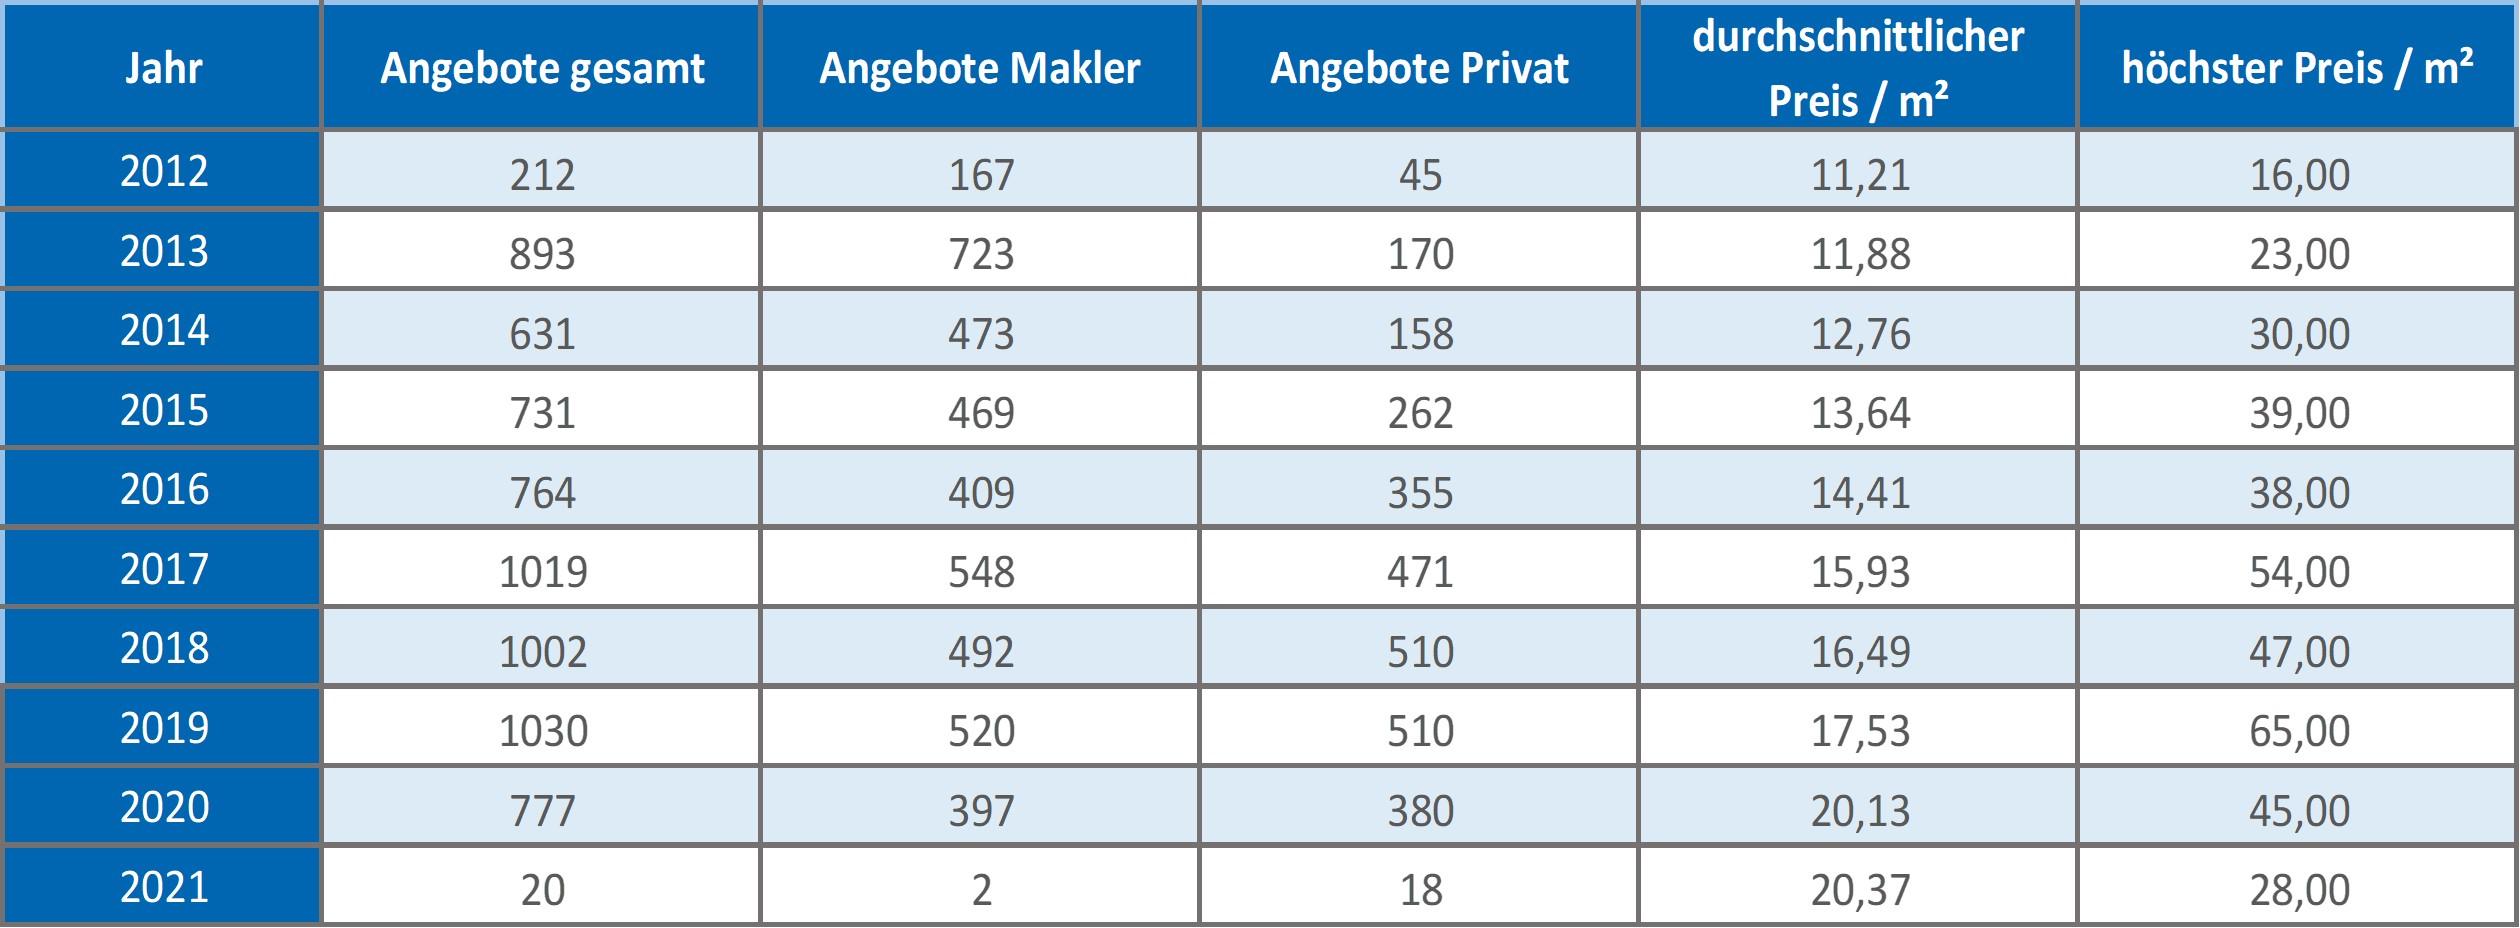 München - Perlach Wohnung mieten vermieten Preis Bewertung Makler 2019 2020 2021 www.happy-immo.de